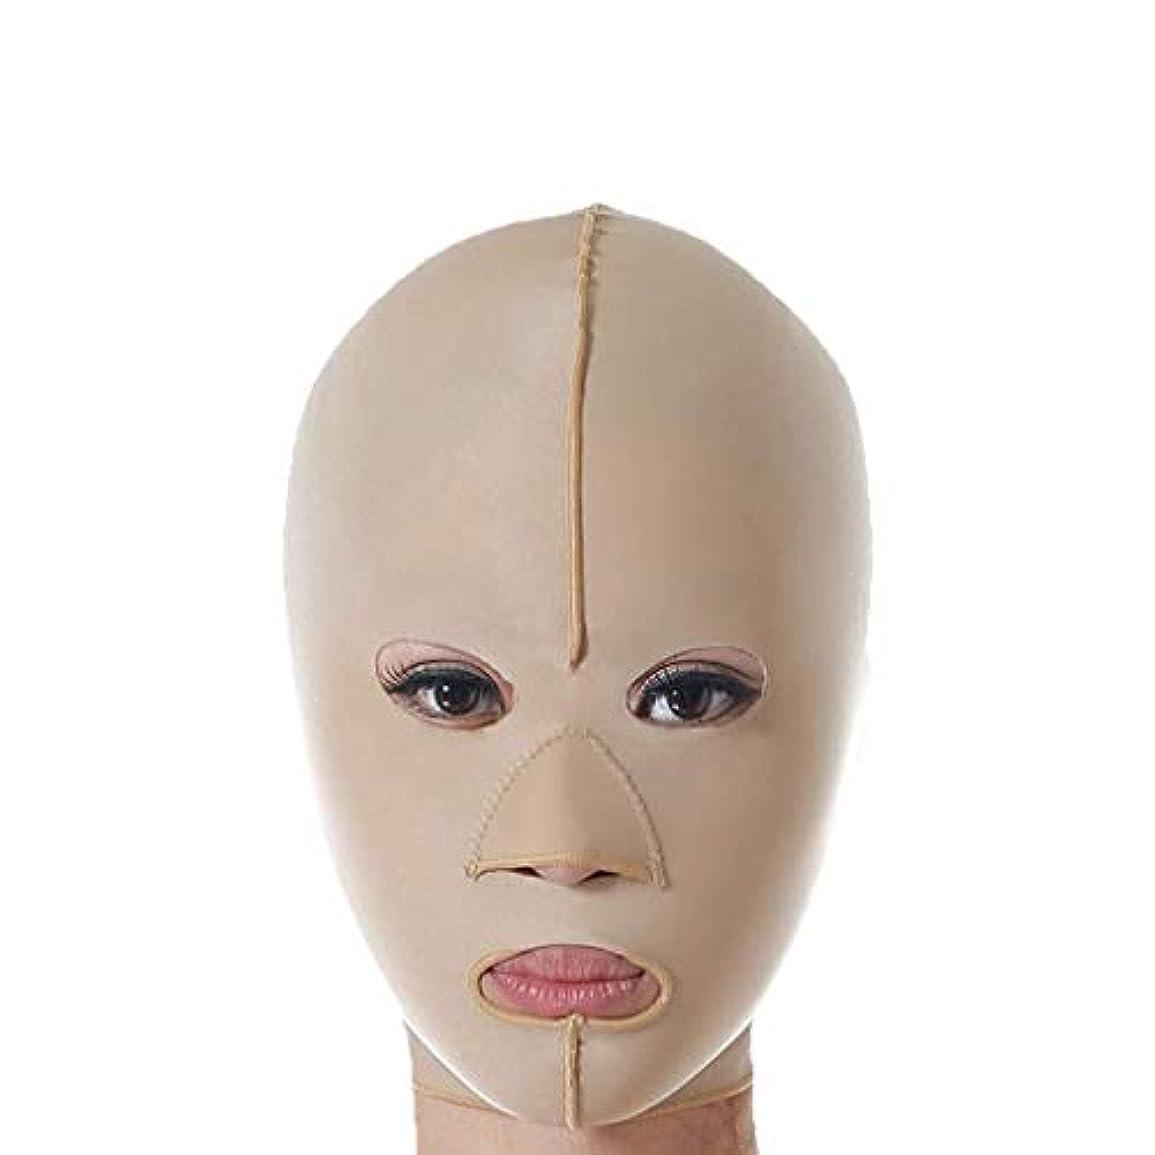 感染する余計なひいきにする減量フェイスマスク、リフティング包帯、スリムフェイスリフトリフティングベルト、フェイシャル減量リフティング包帯、リフティングファーミング包帯(サイズ:XL),XL